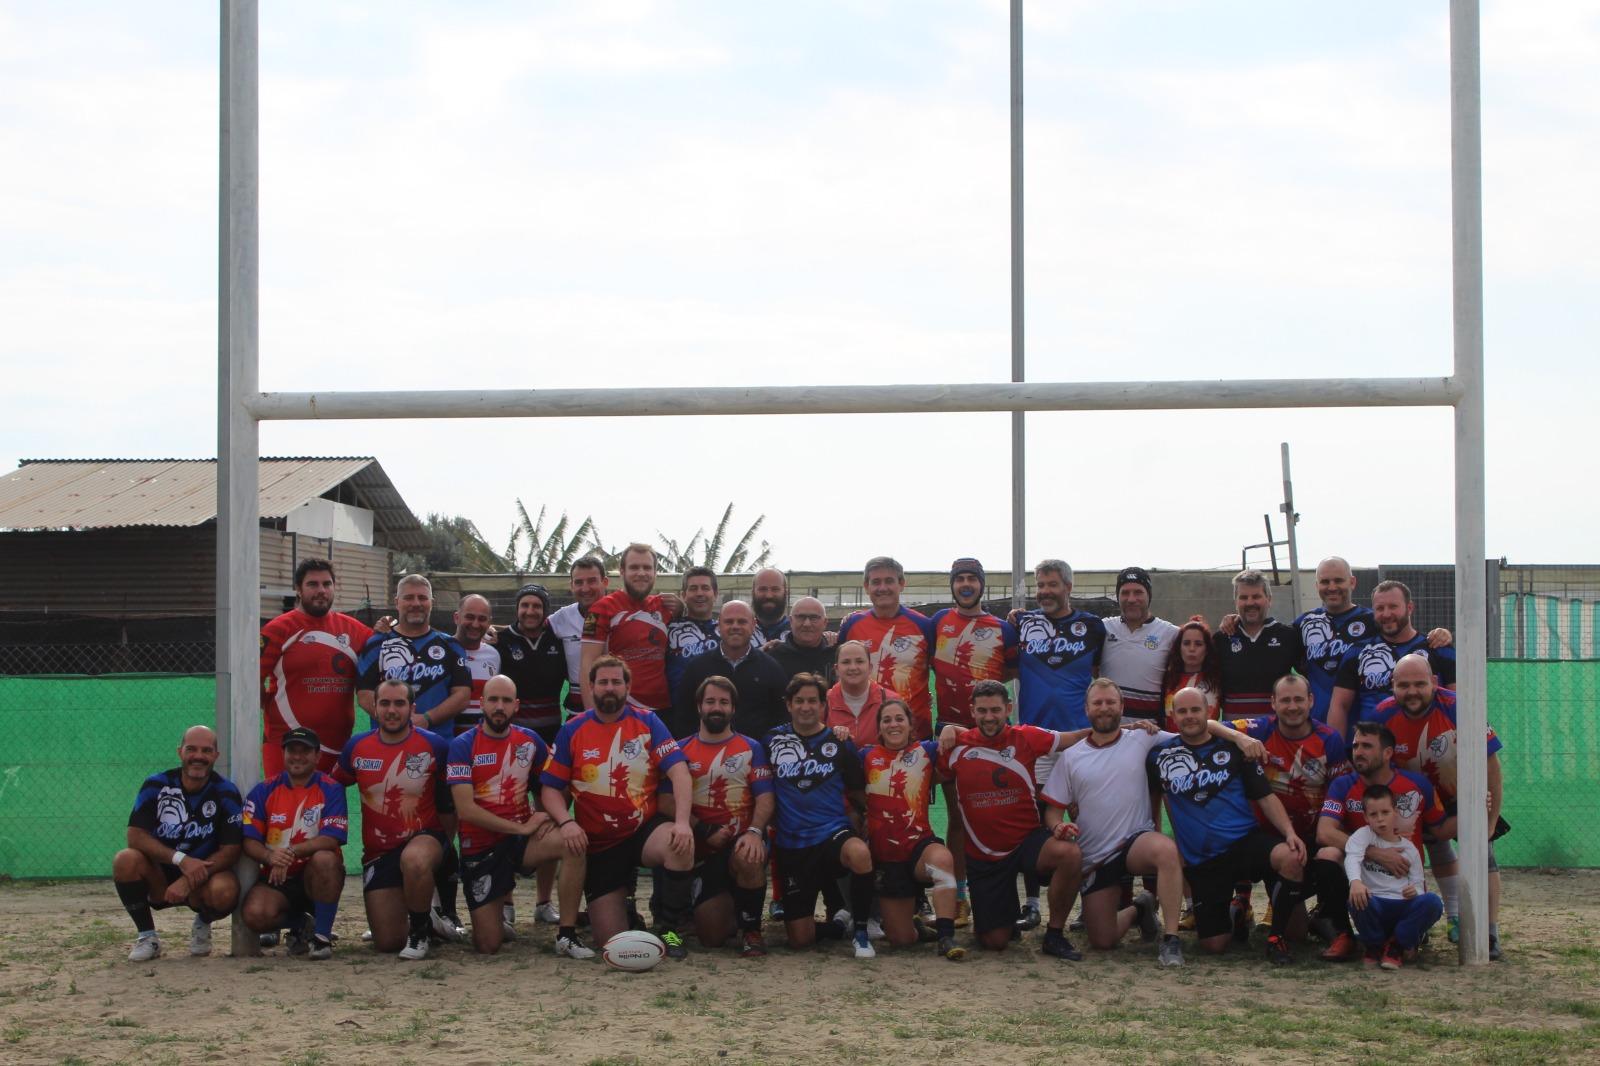 Photo of La ciudad de Adra reafirma su apoyo al rugby con la inauguración del primer campo en la localidad